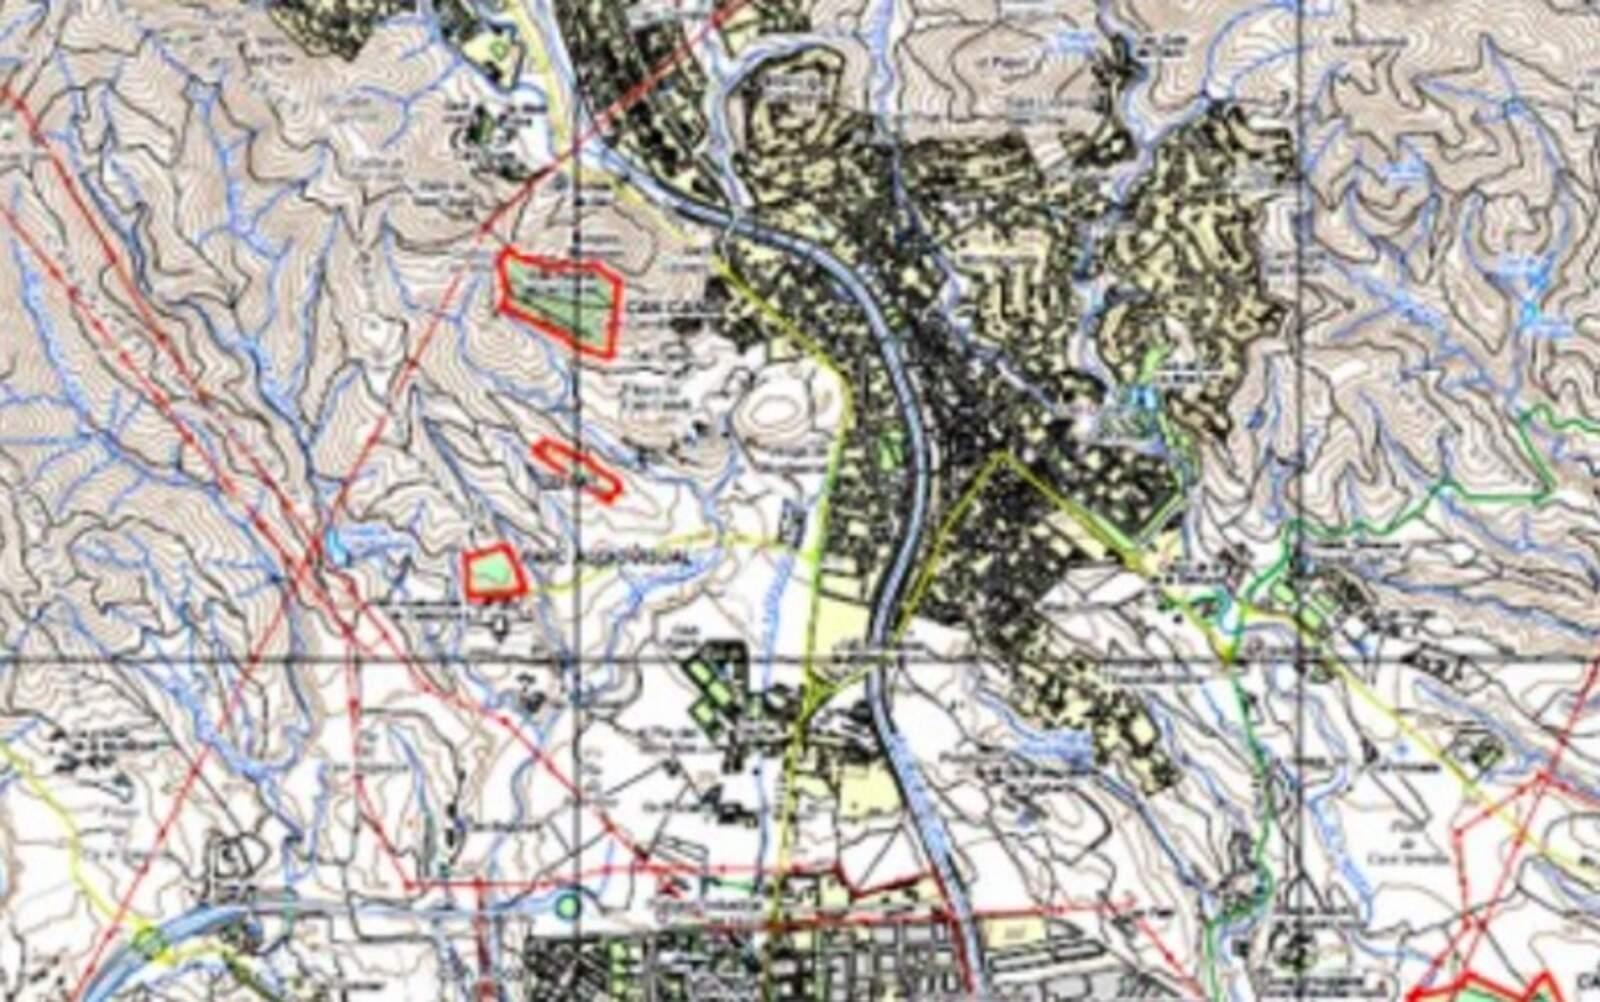 Mapa amb les parcel·les delimitades